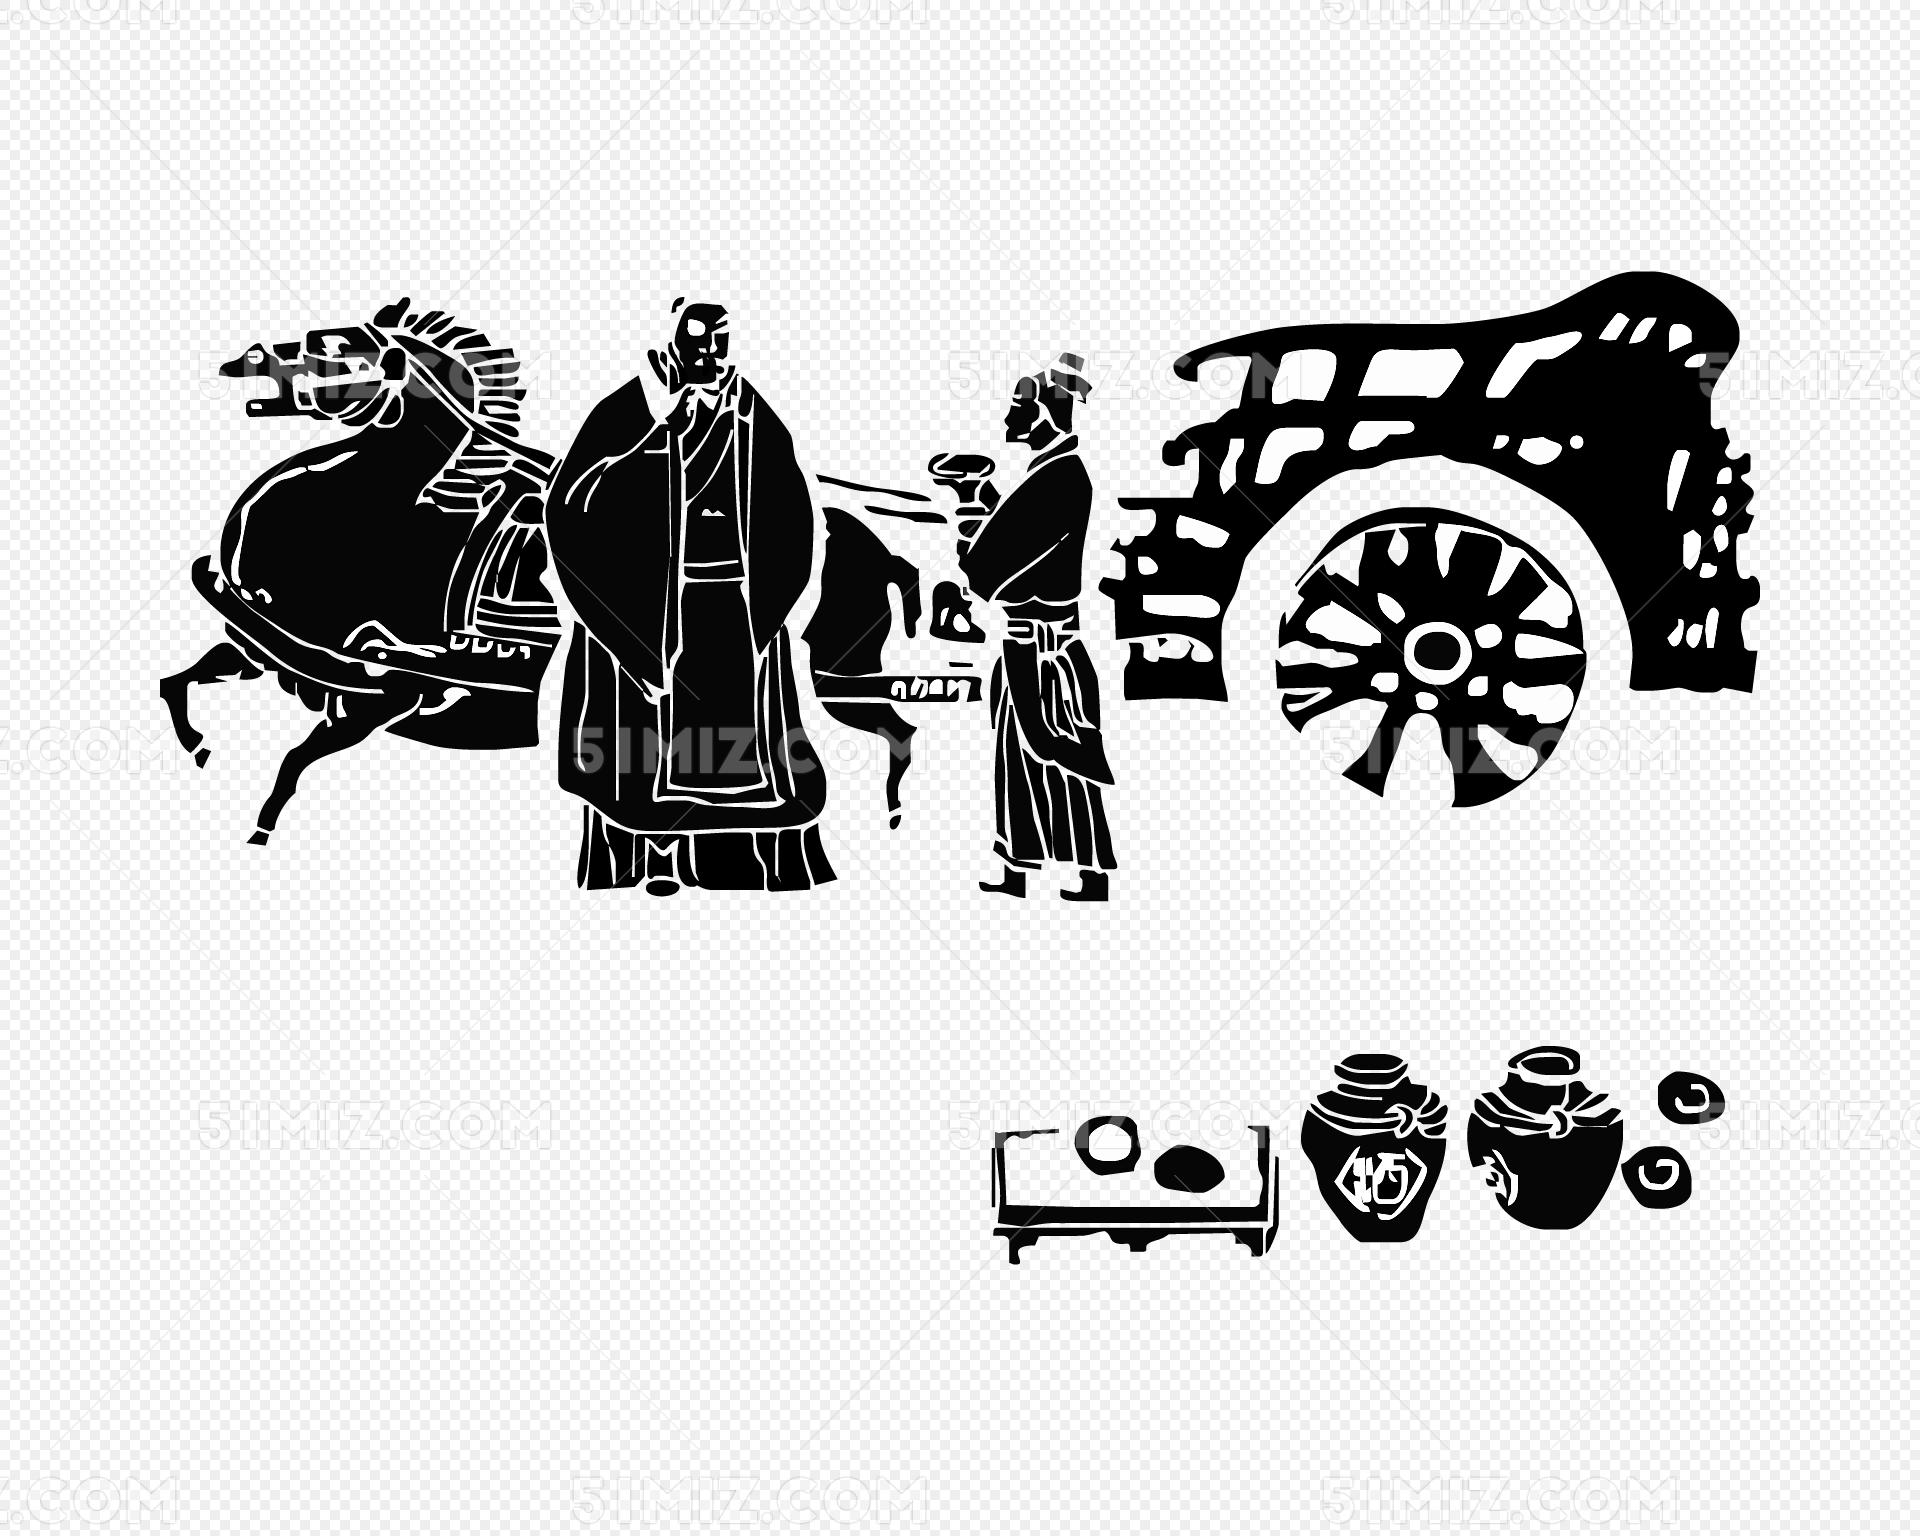 古代人物马车矢量 尊师重道图片素材免费下载_觅知网